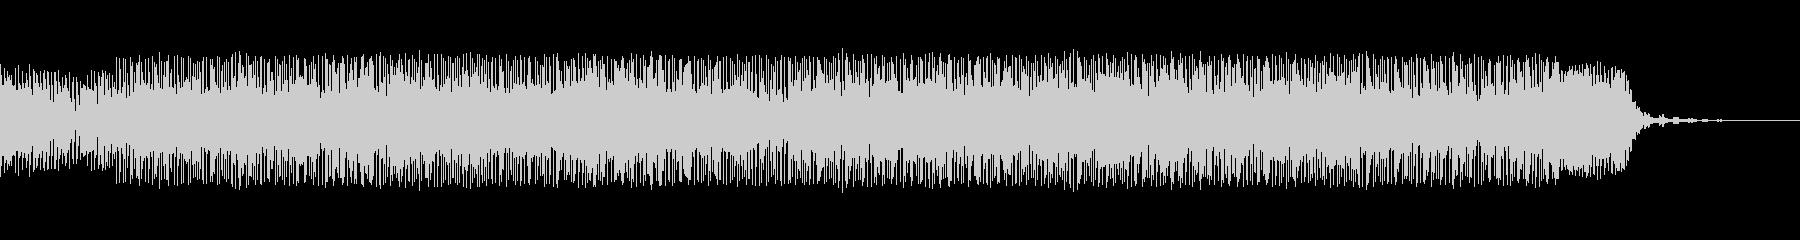 KANTアンビエント神秘200615の未再生の波形